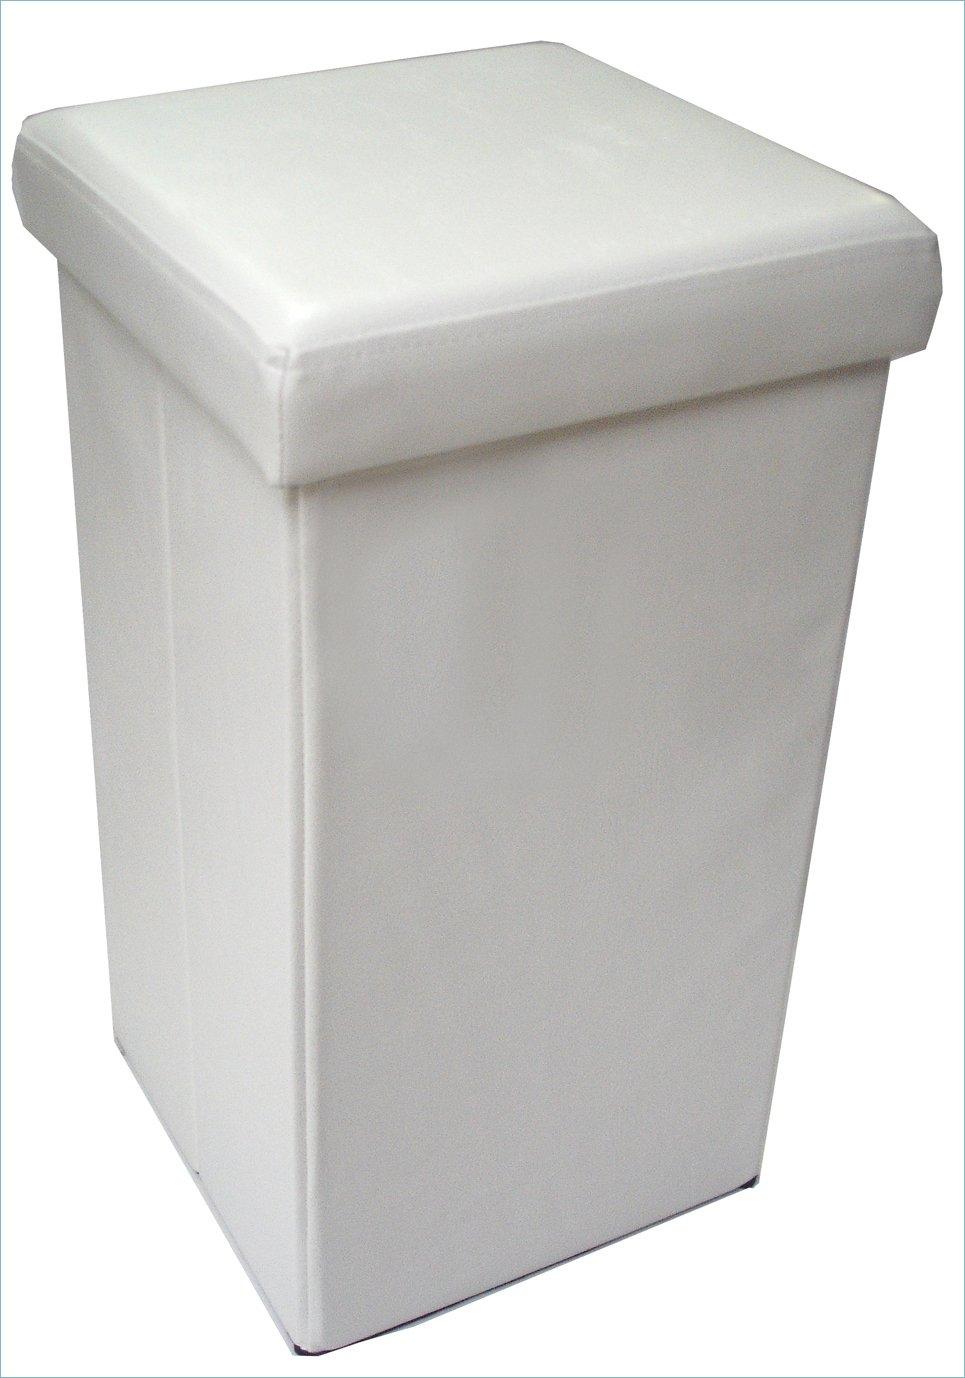 Pouf contenitore richiudibile in ecopelle 32x32x60 cm Biscottini